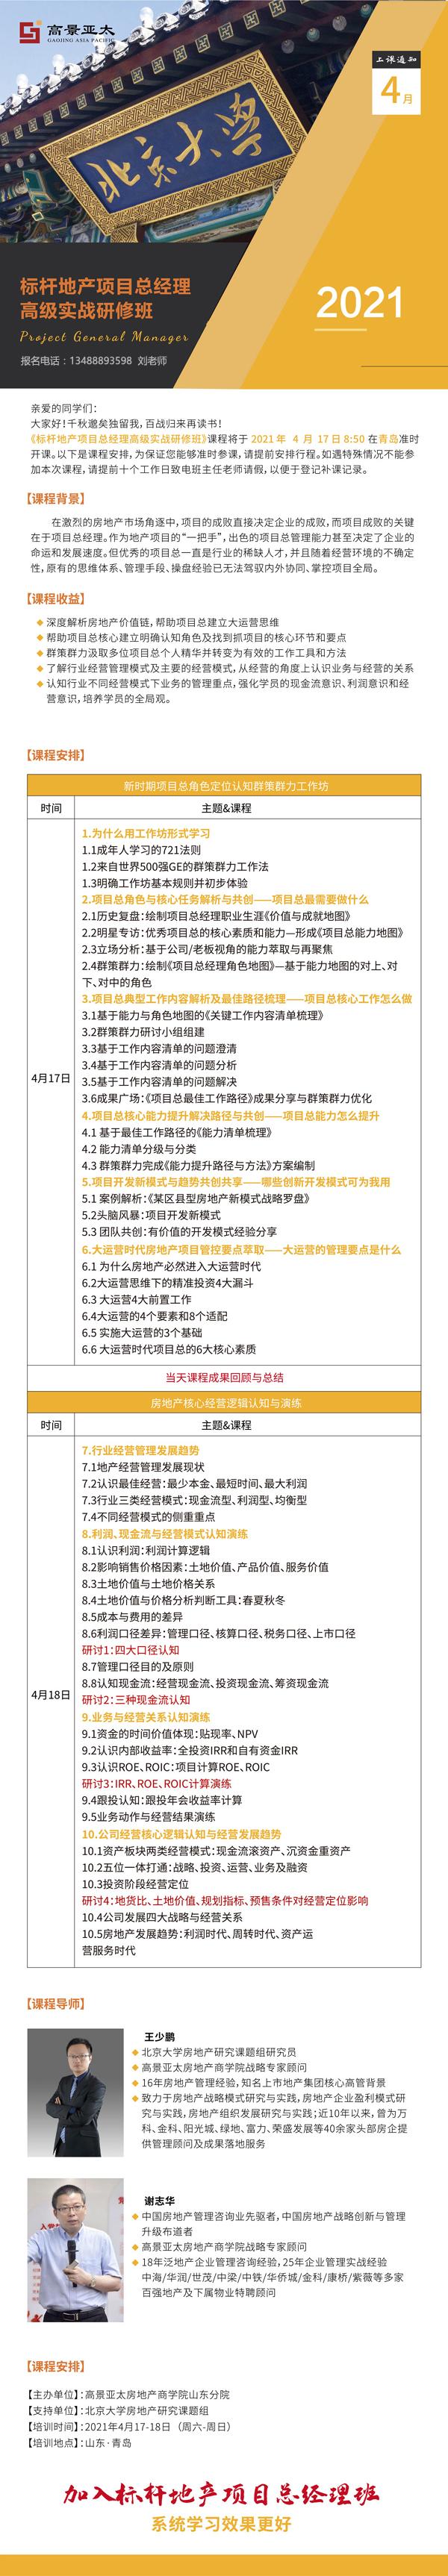 4月17日标杆地产项目总经理实战研修班-课程表